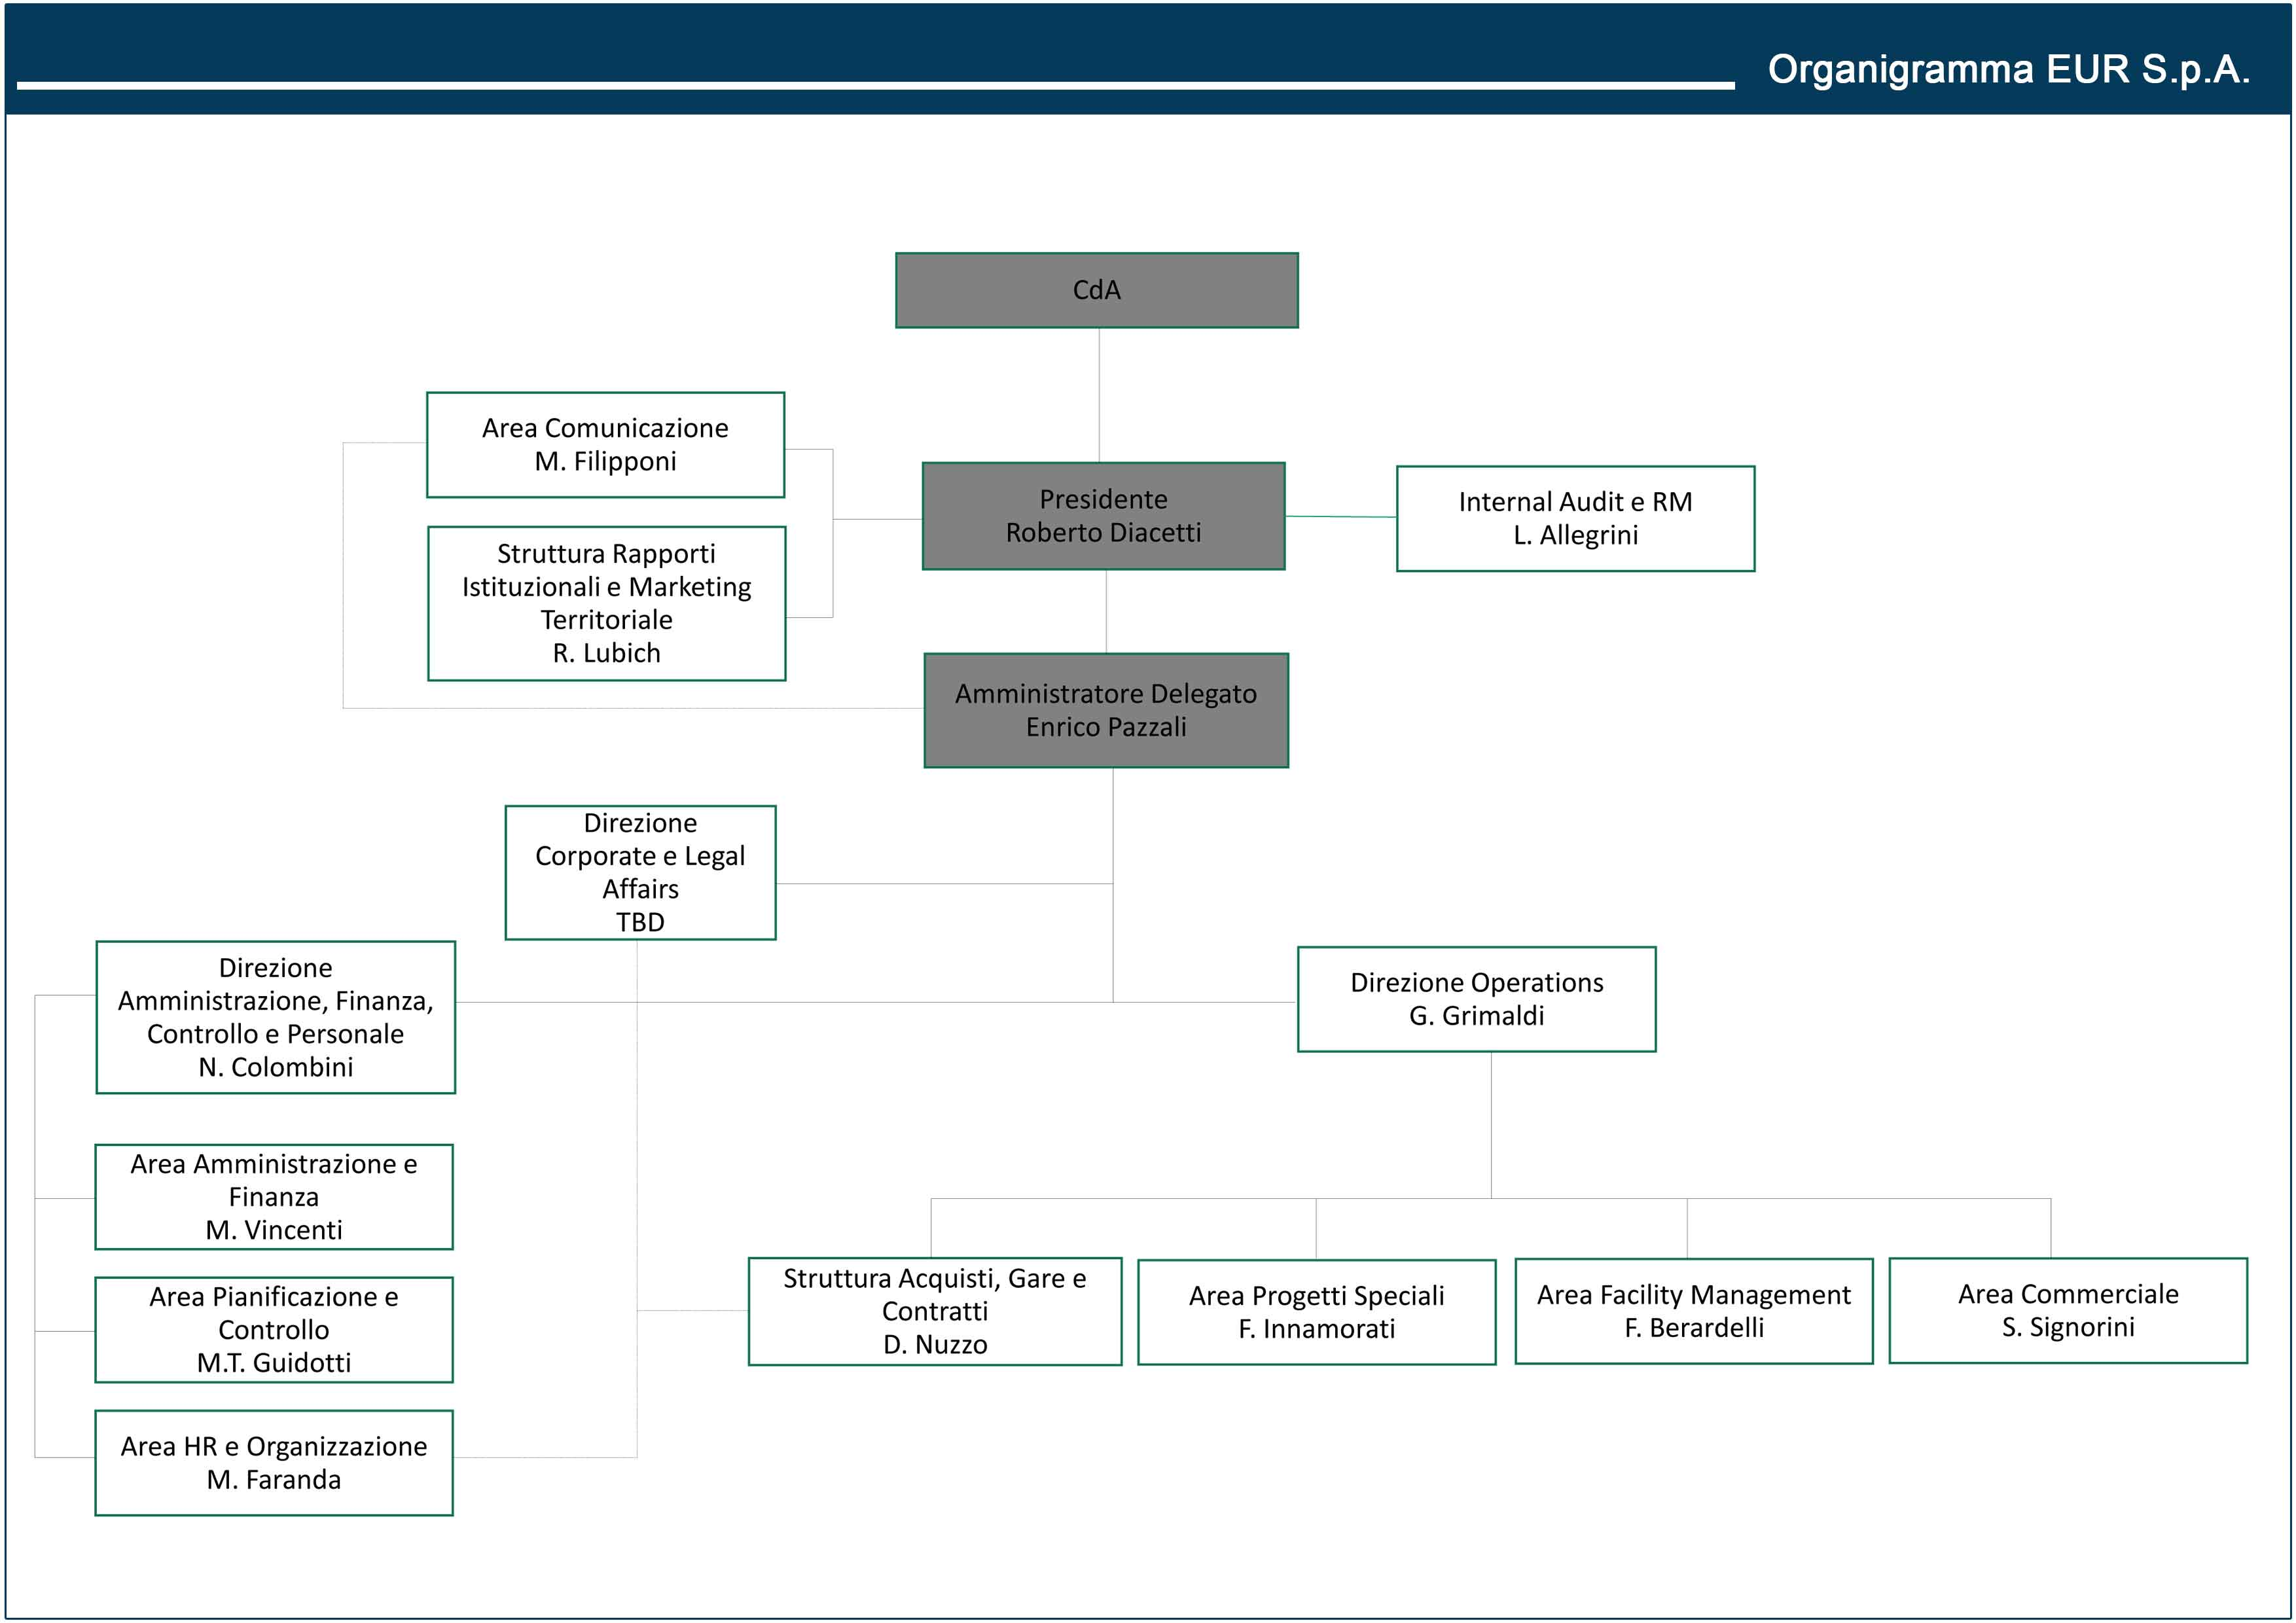 L'organigramma di EUR SpA